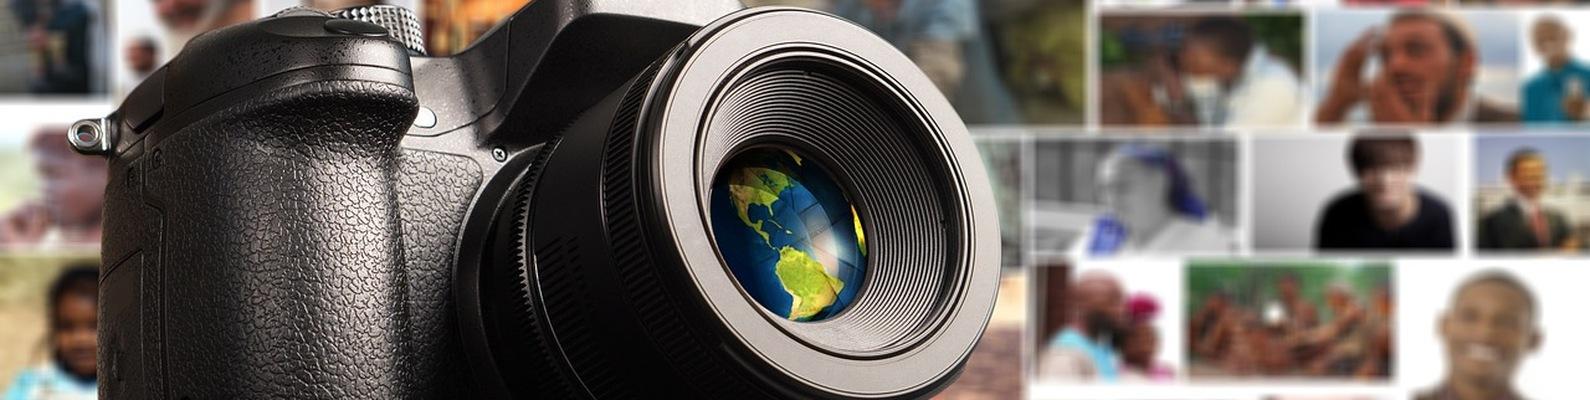 печать фото в калининграде плакатов премиальное